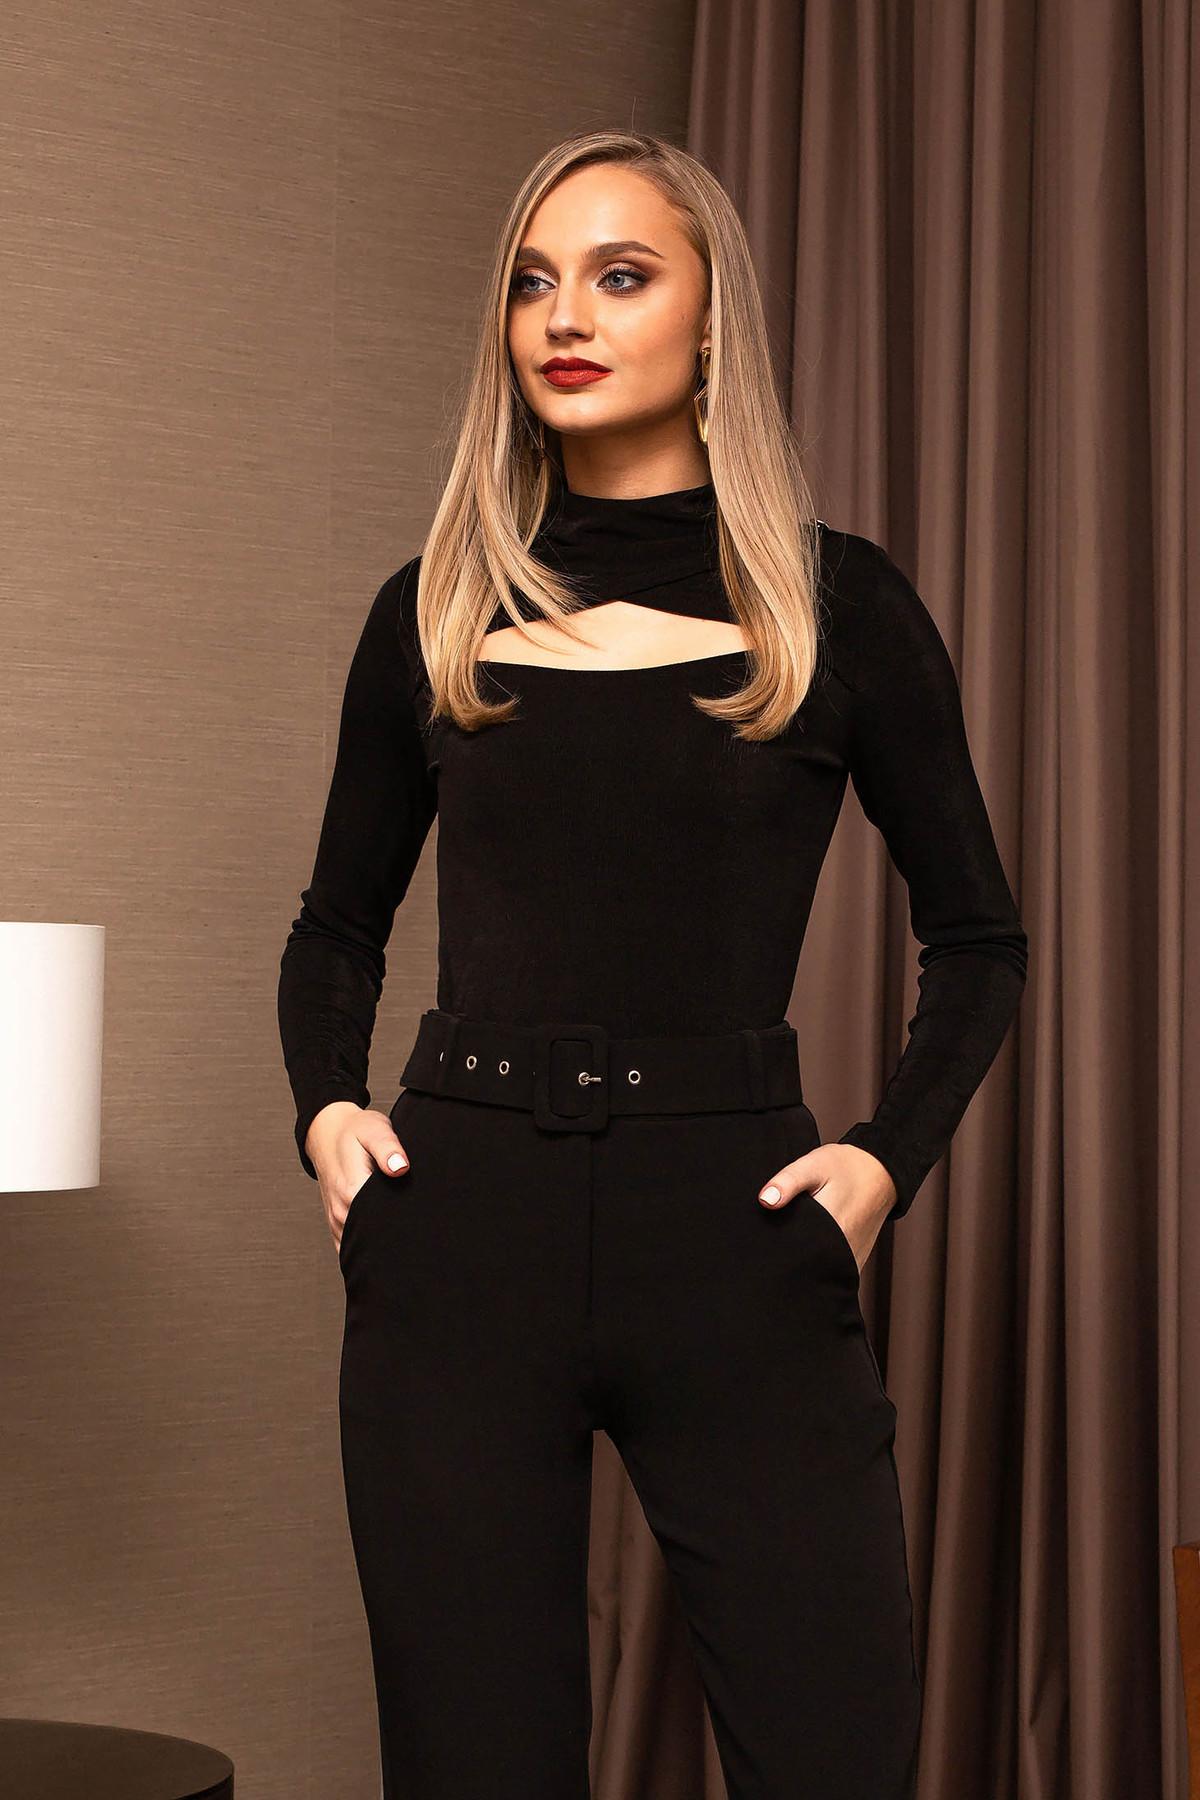 Bluza dama PrettyGirl neagra eleganta mulata pe gat cu maneci lungi si decupata pe piept